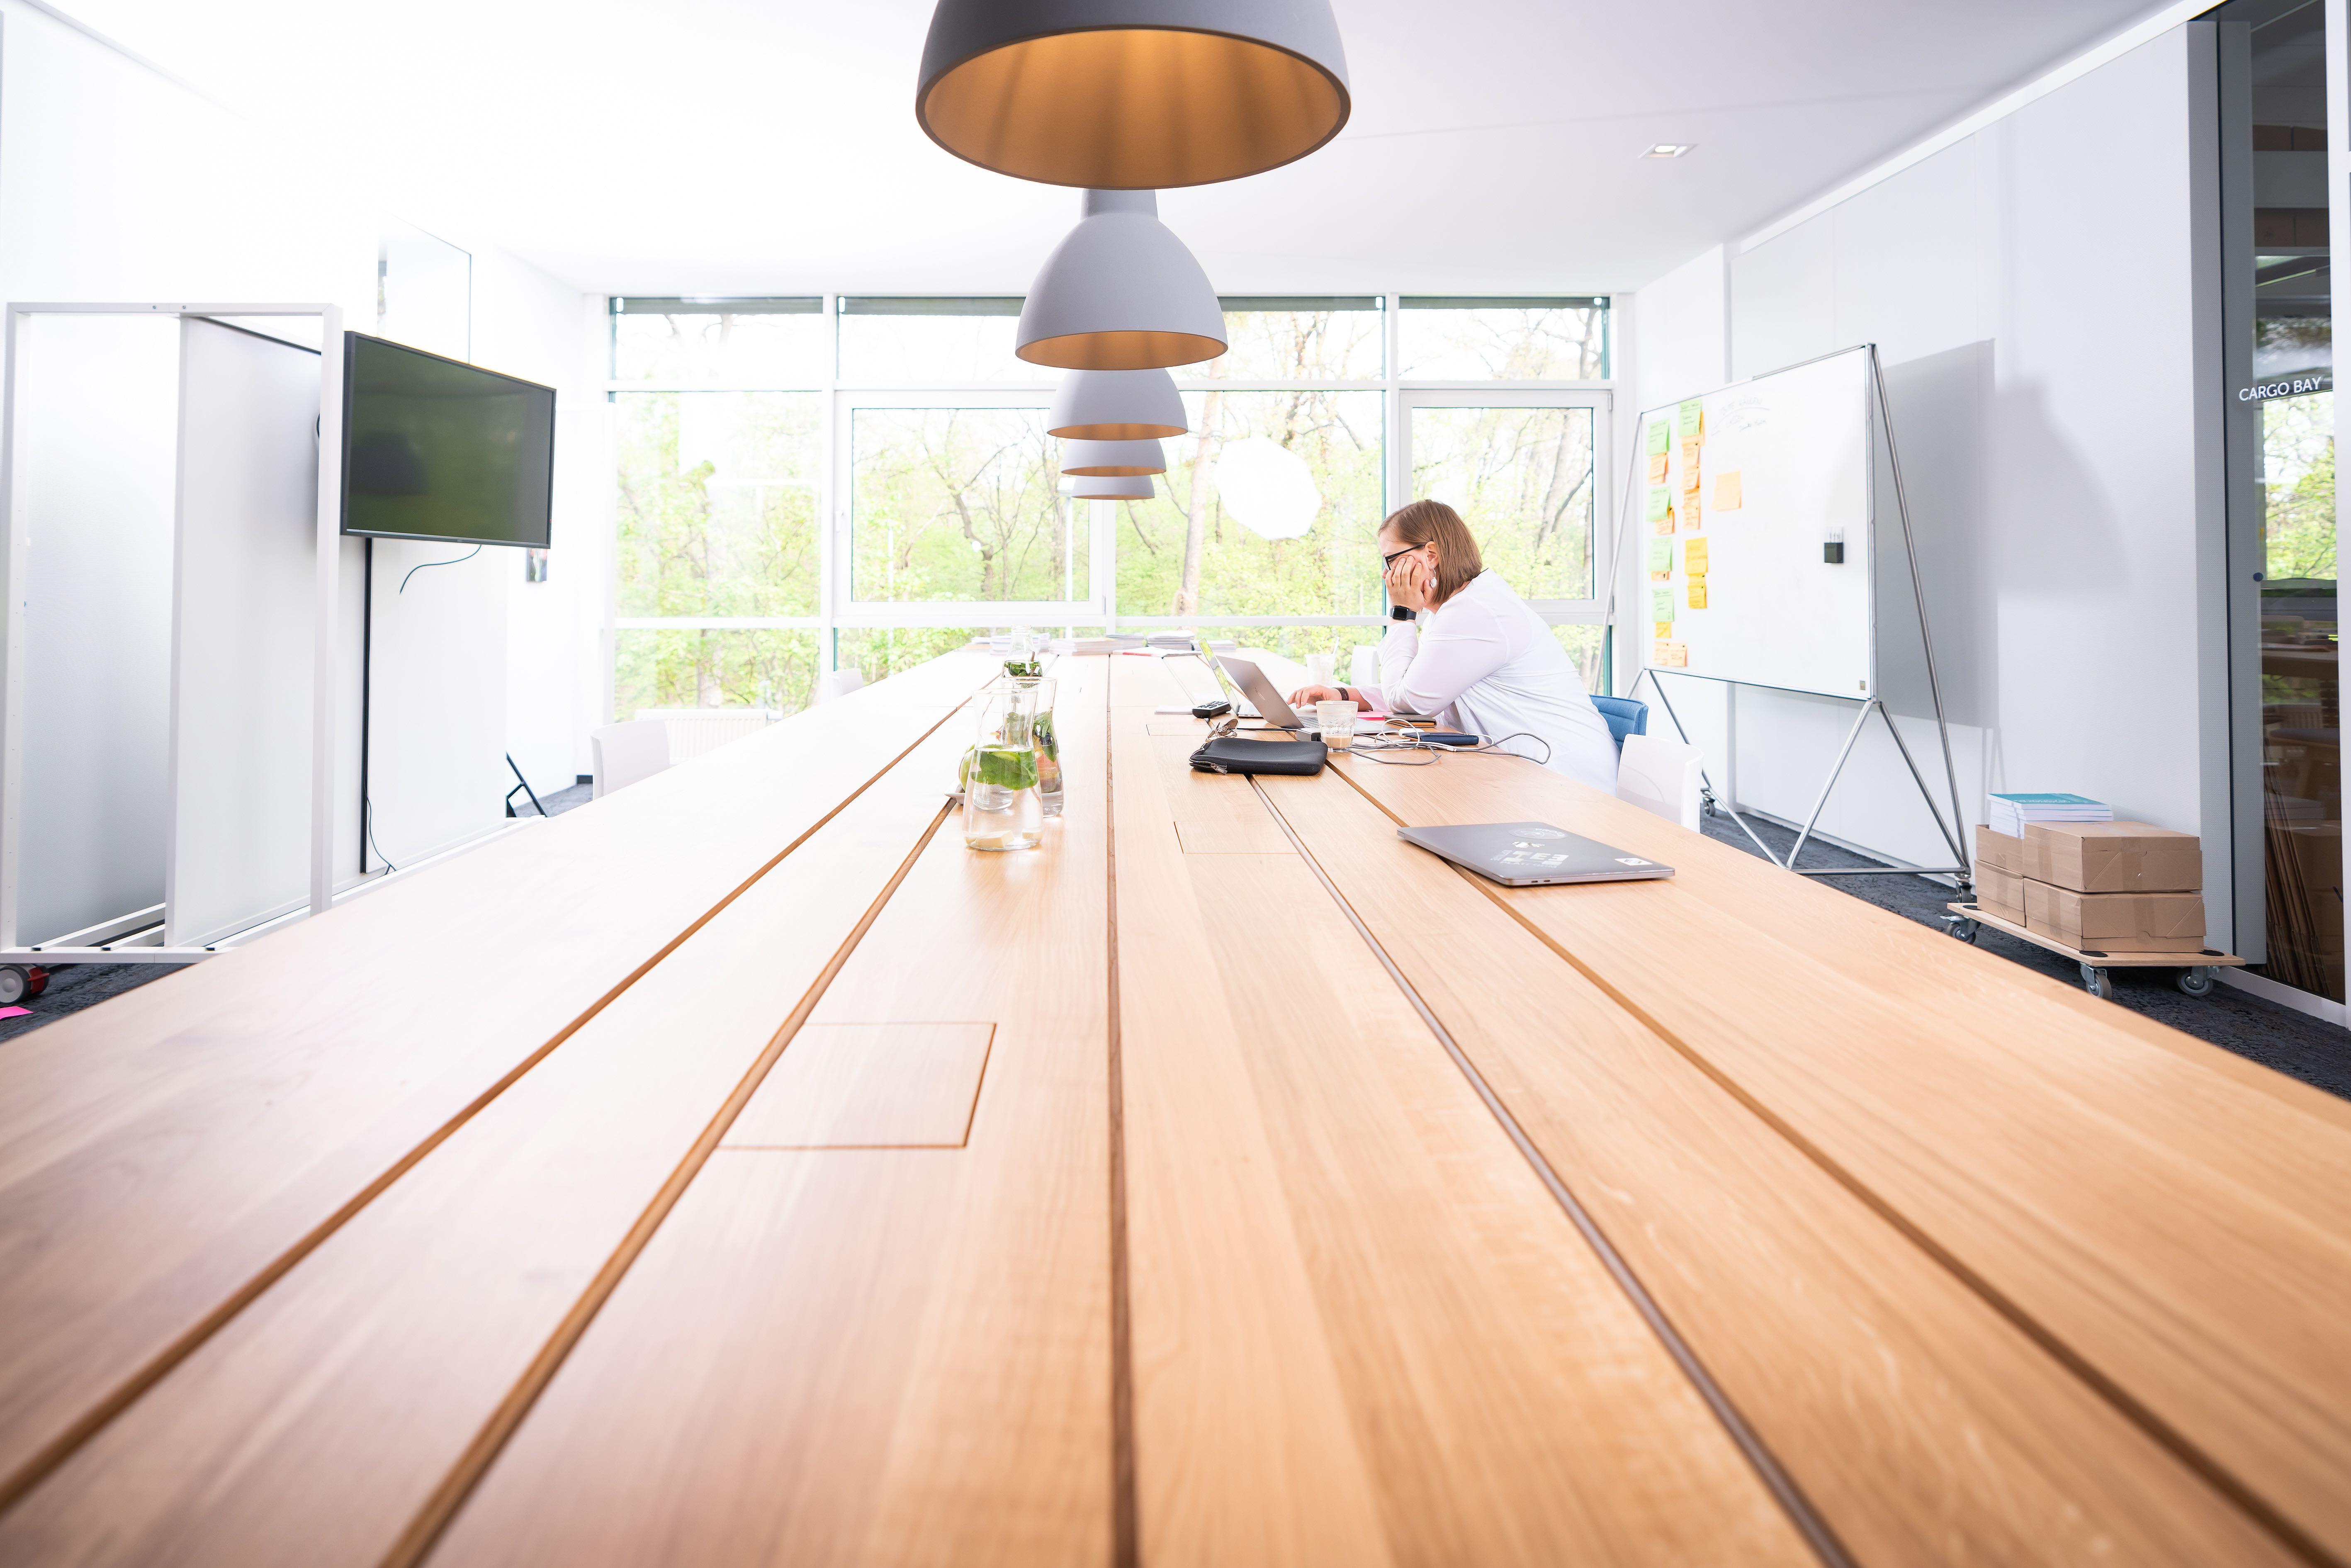 langer Holztisch mit einer Person, die daran arbeitet